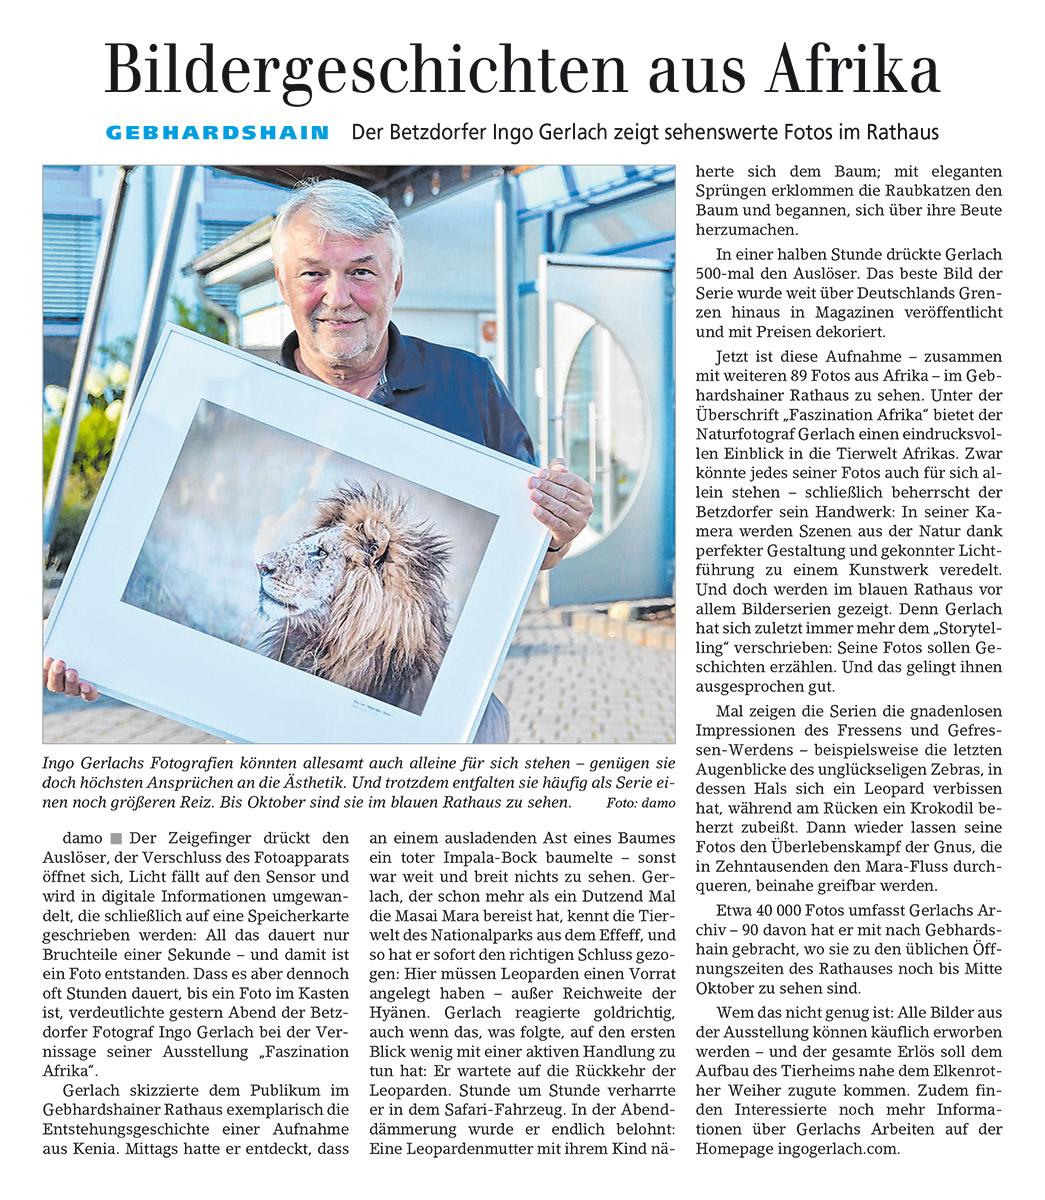 Siegener Zeitung 27.8.16